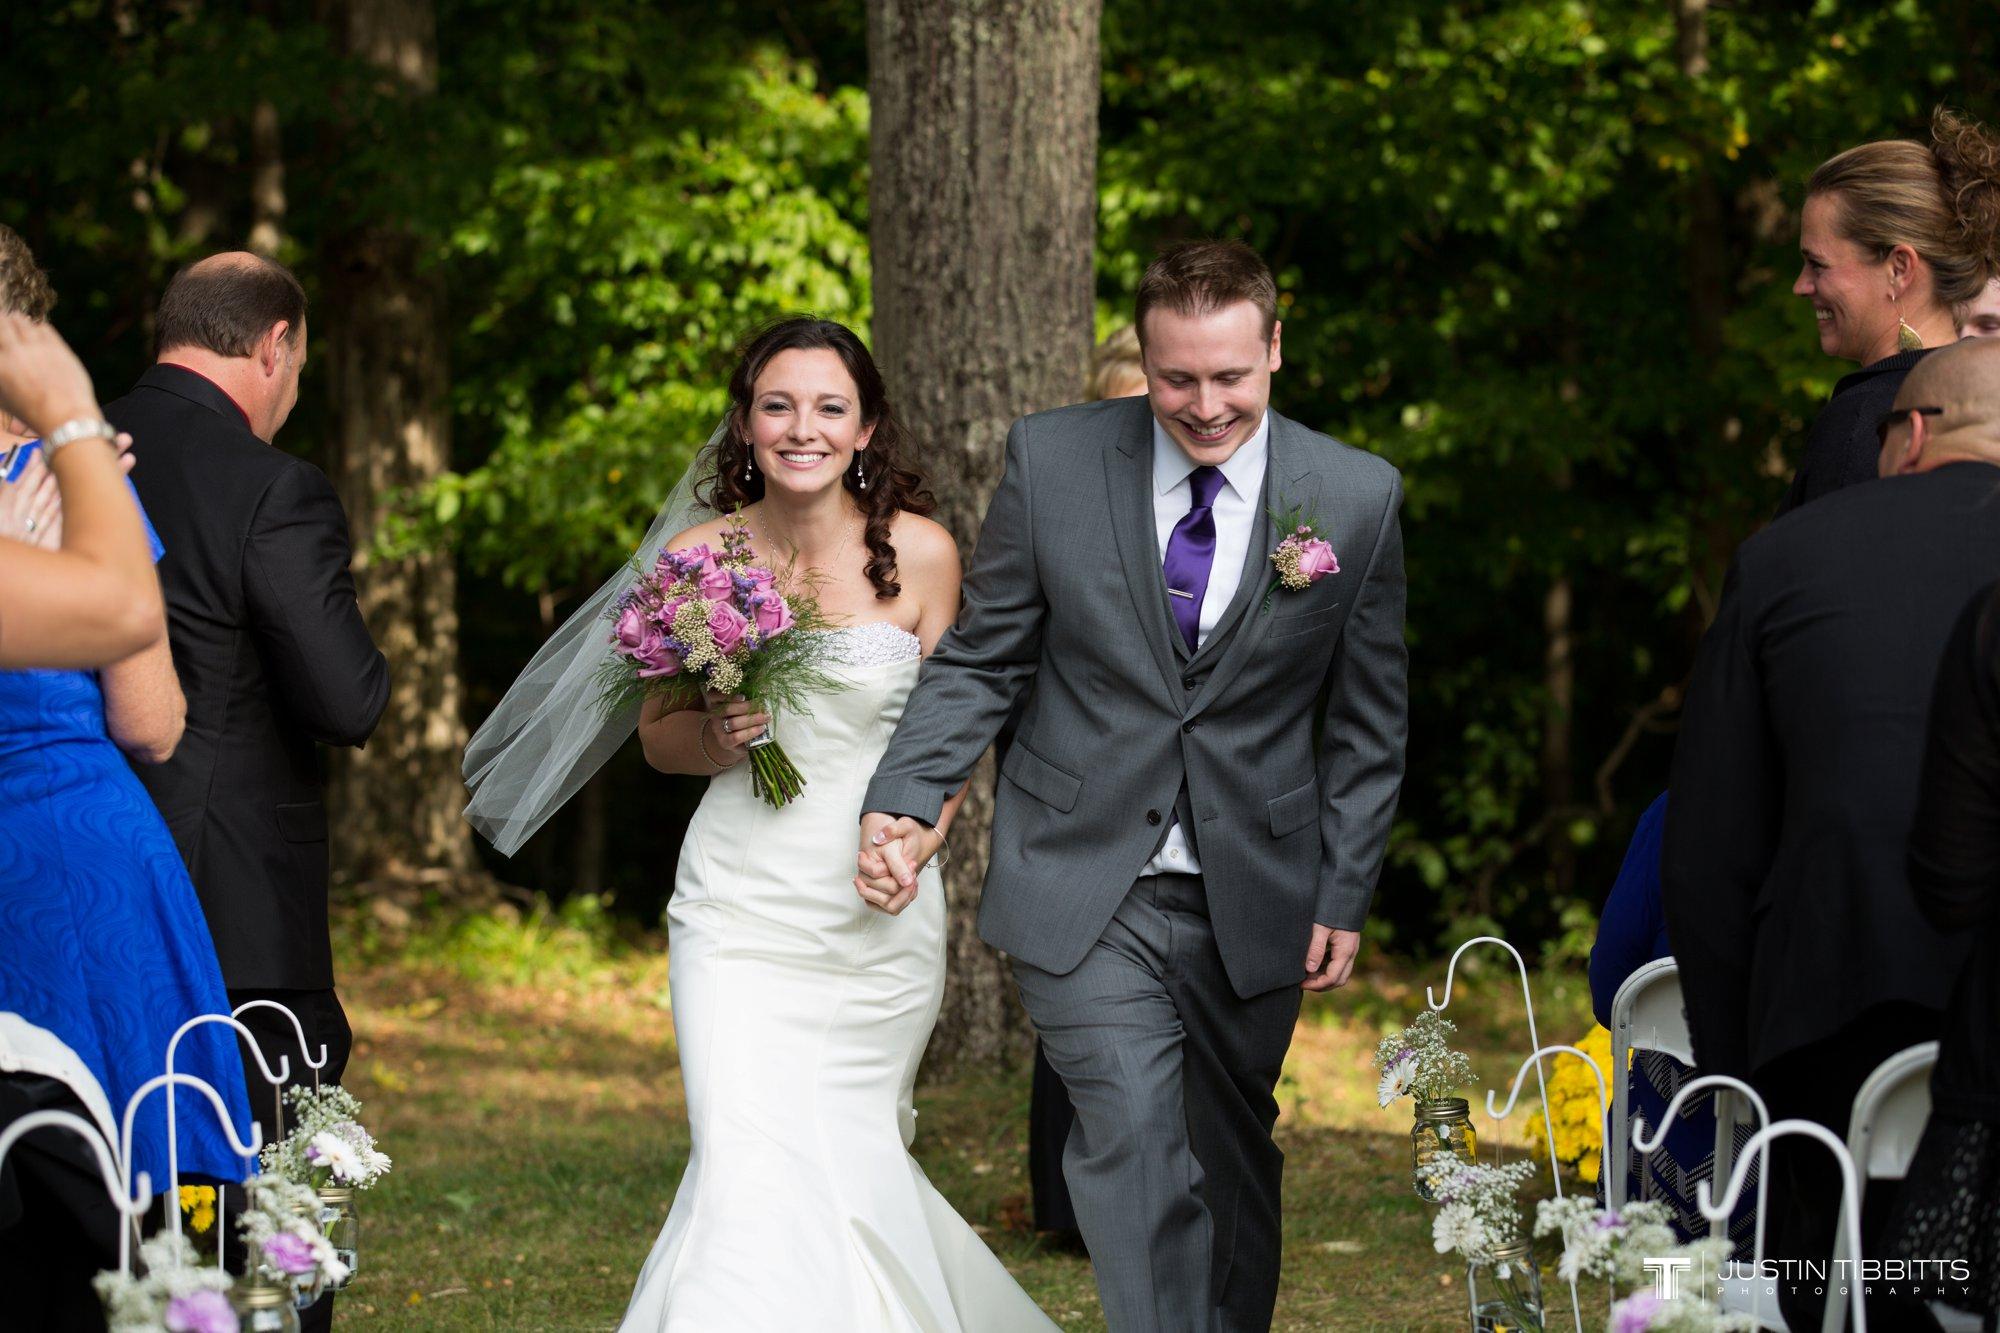 Albany NY Wedding Photographer Justin Tibbitts Photography 2014 Best of Albany NY Weddings-303881911